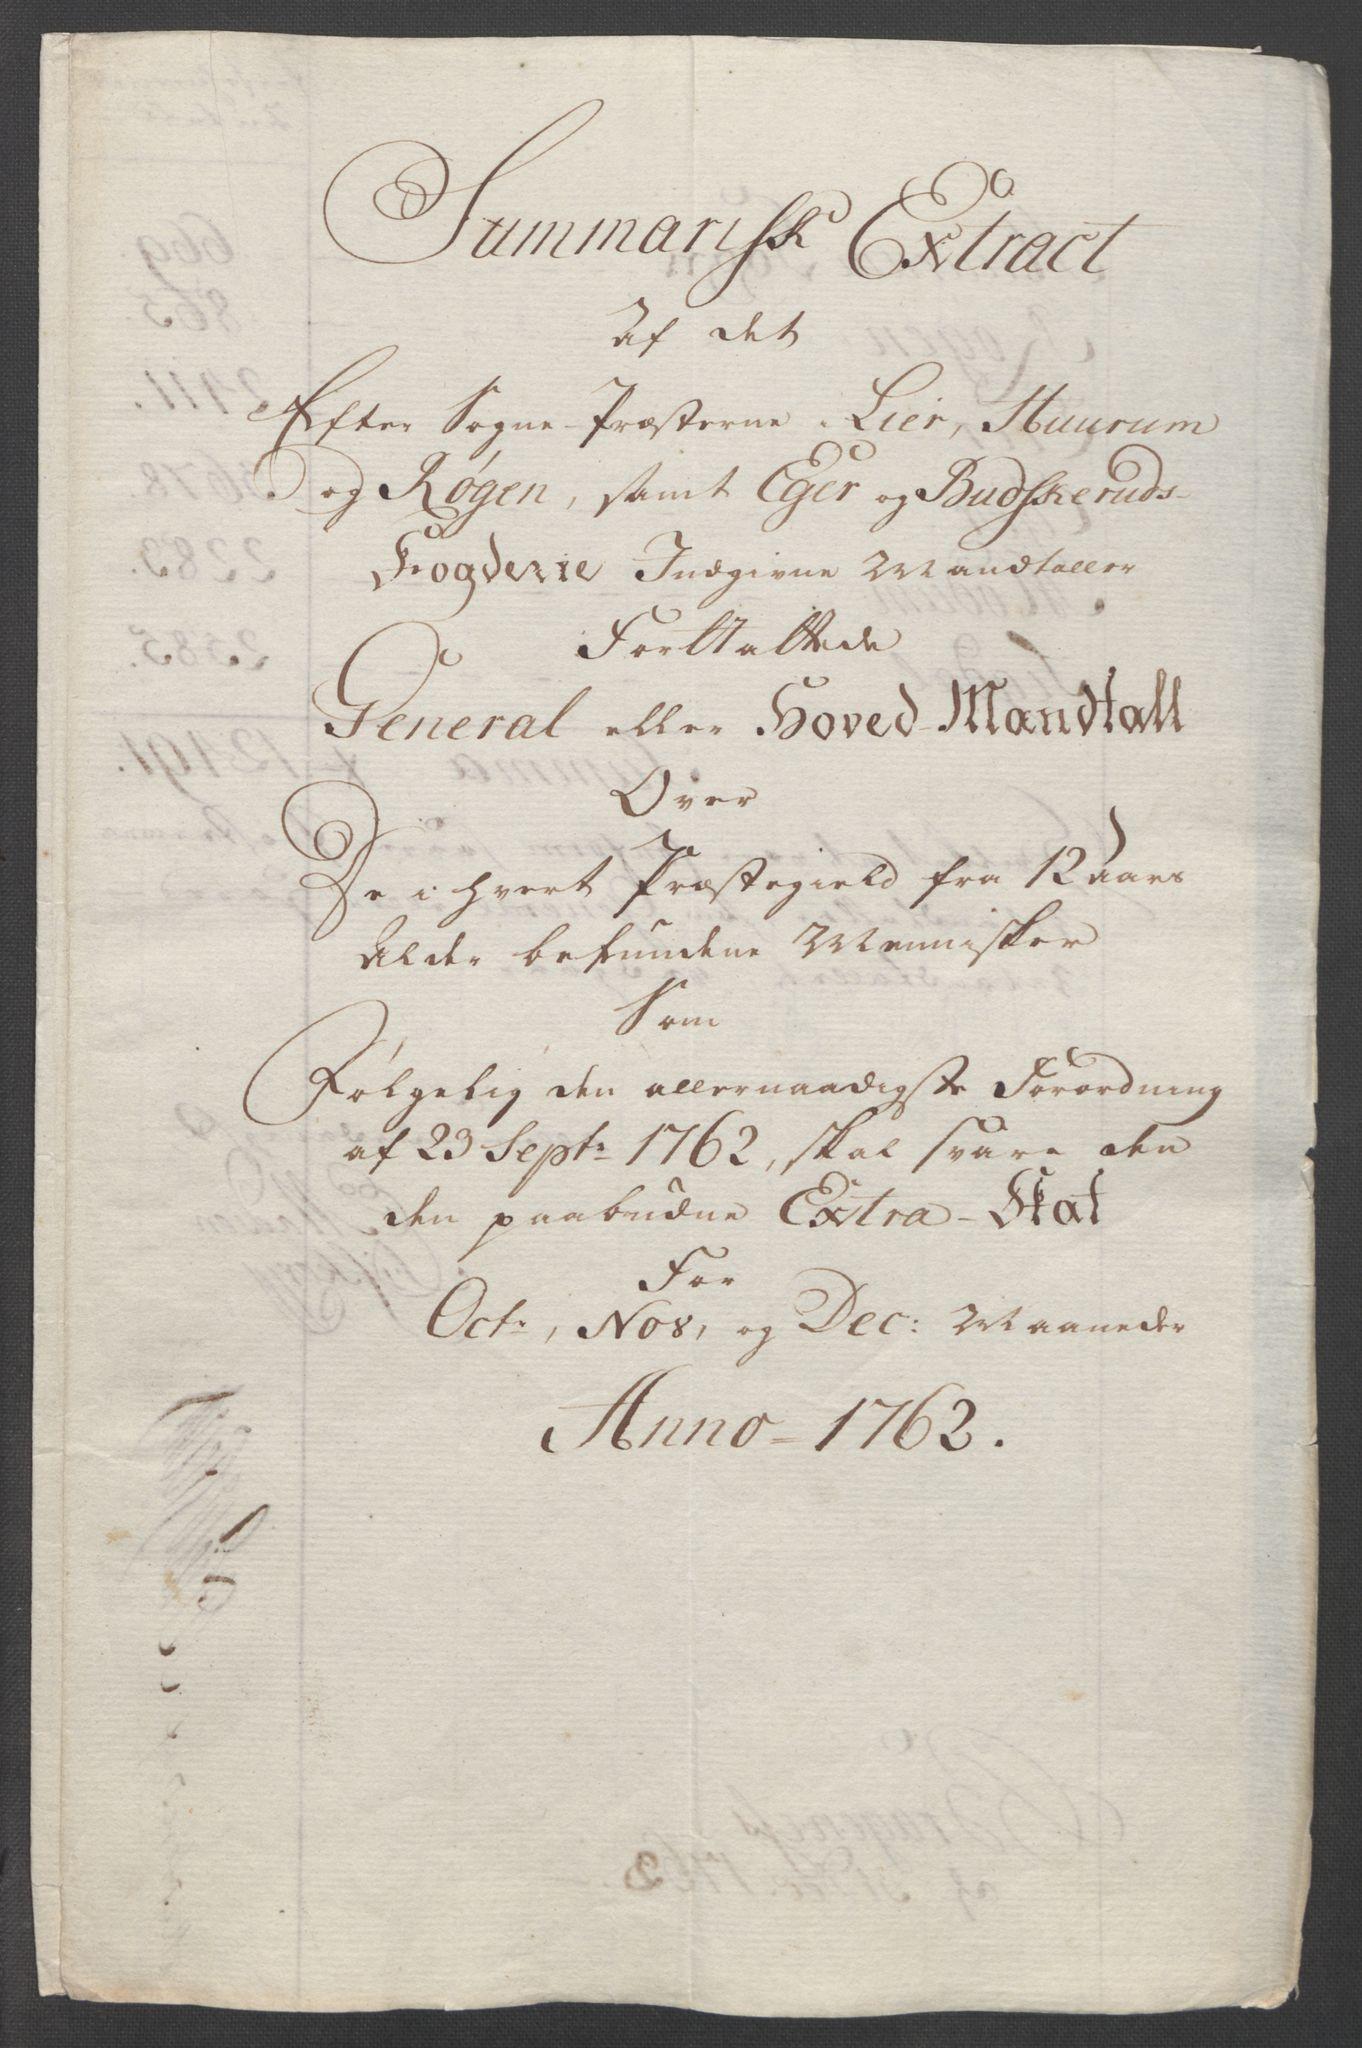 RA, Rentekammeret inntil 1814, Reviderte regnskaper, Fogderegnskap, R31/L1833: Ekstraskatten Hurum, Røyken, Eiker, Lier og Buskerud, 1762-1764, s. 15